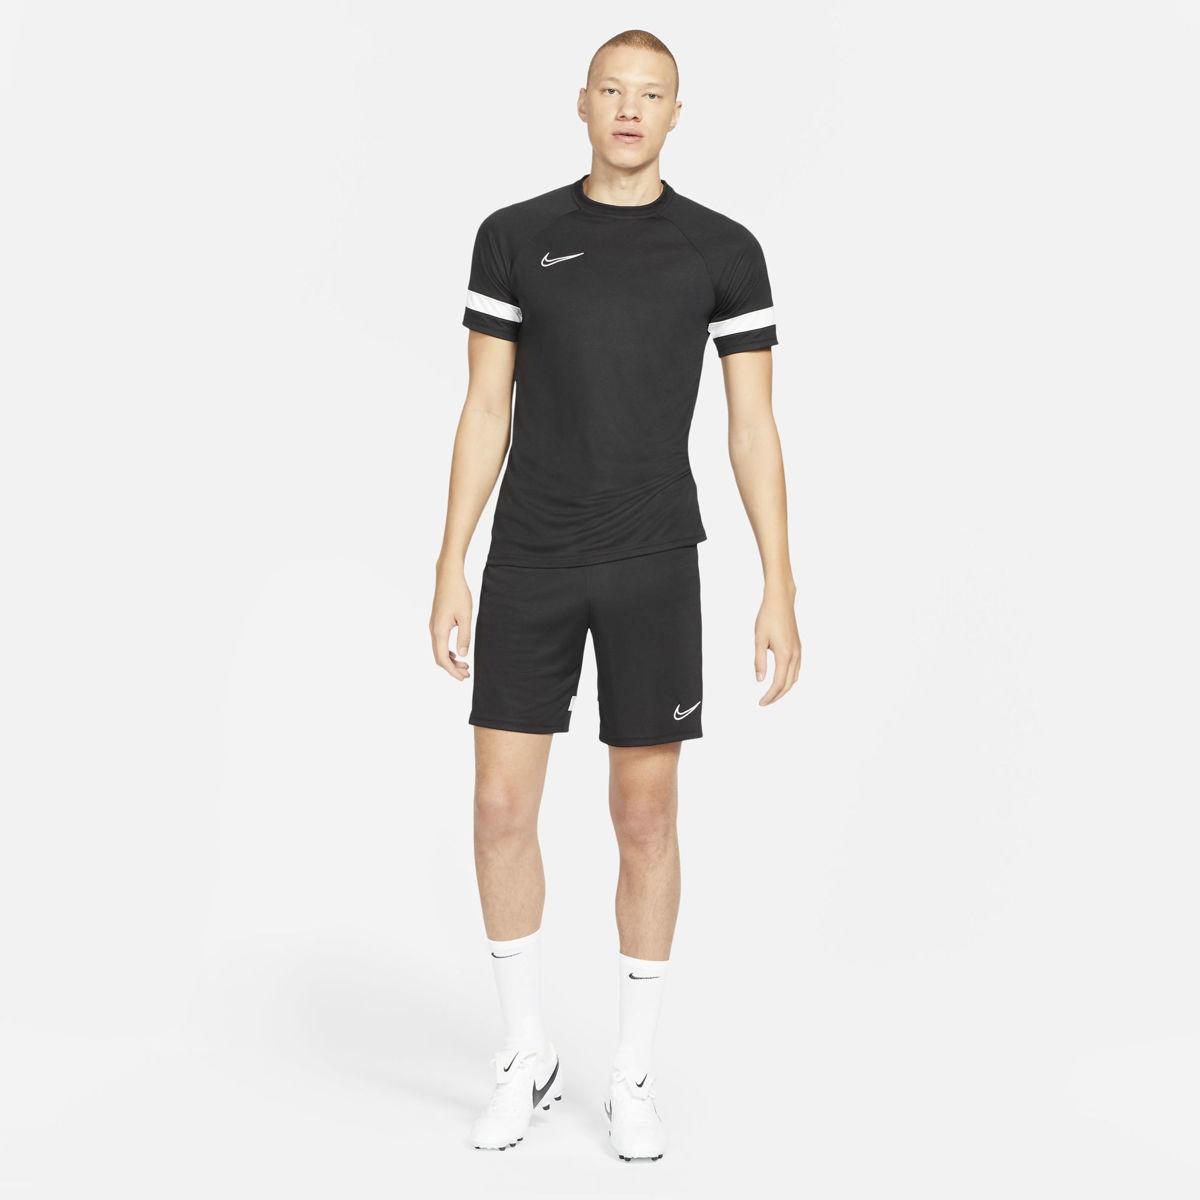 Bilde av Nike mens acd21 top ss CW6101-010